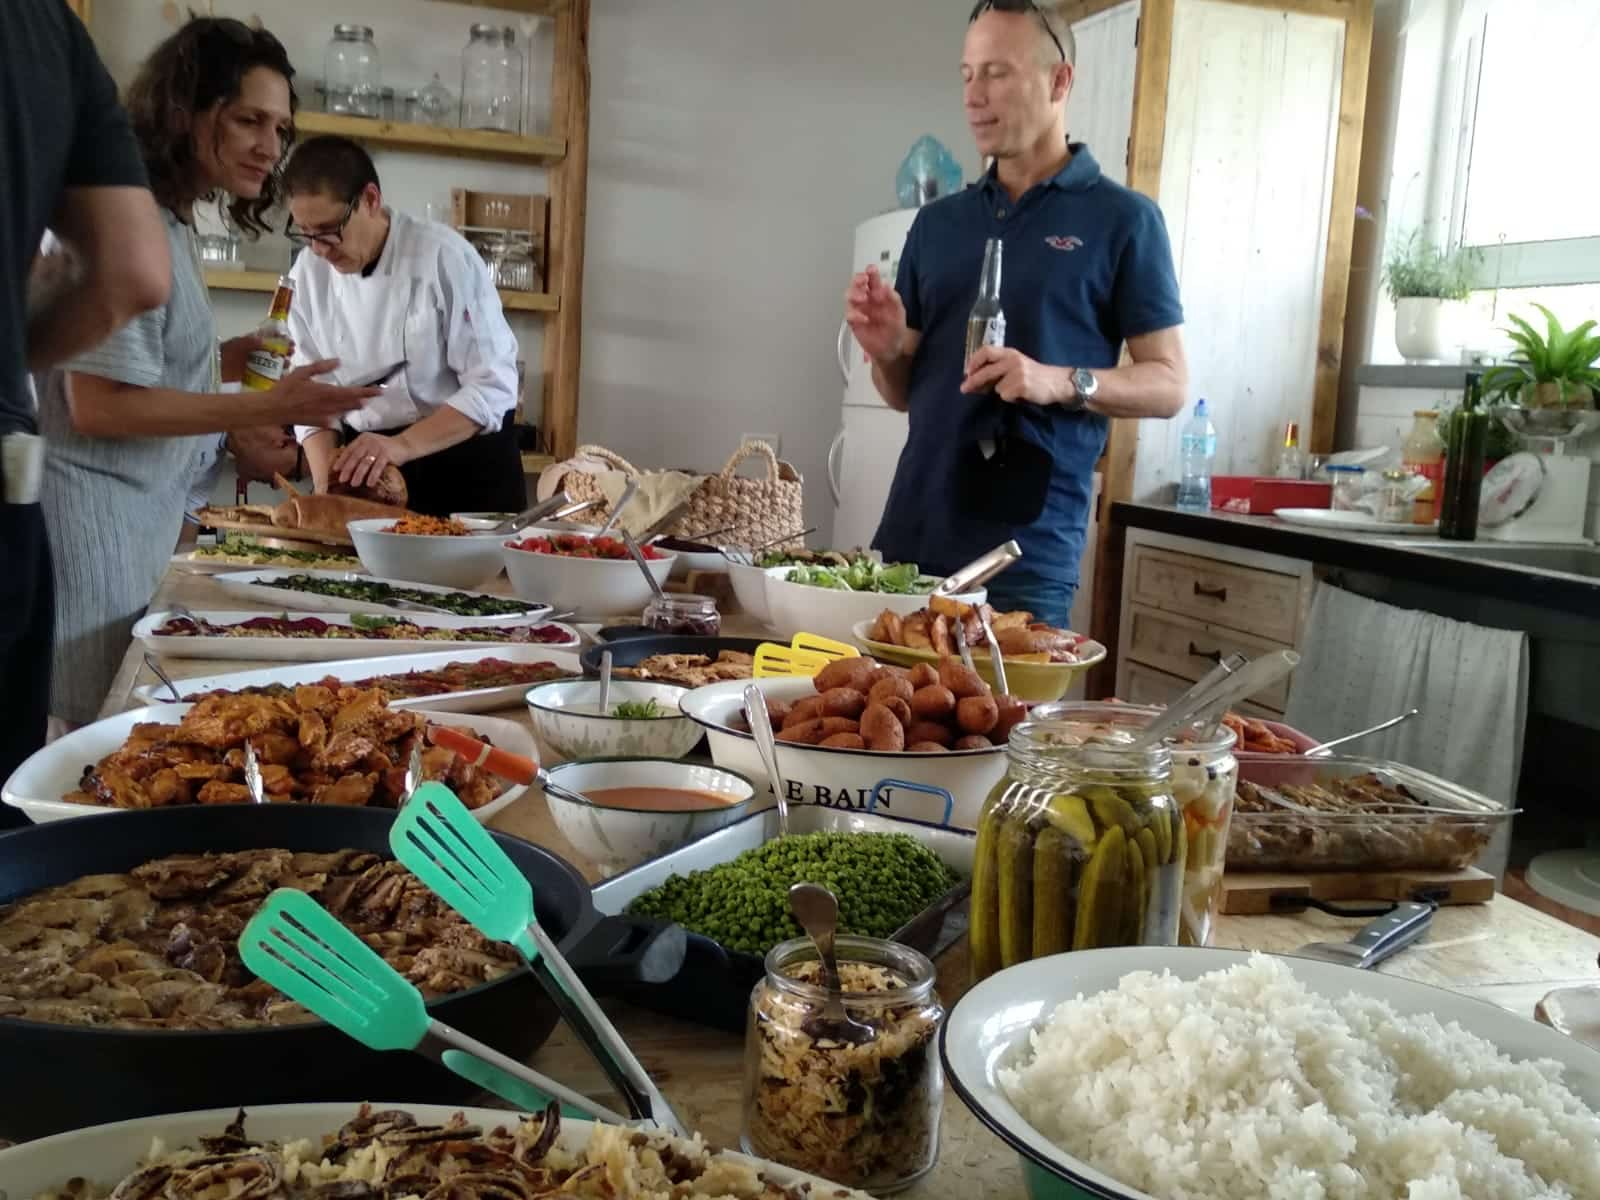 קייטרינג שוש בגולן ואוכל מוכן בהזמנה במטבח הממוקם במושב נוב.